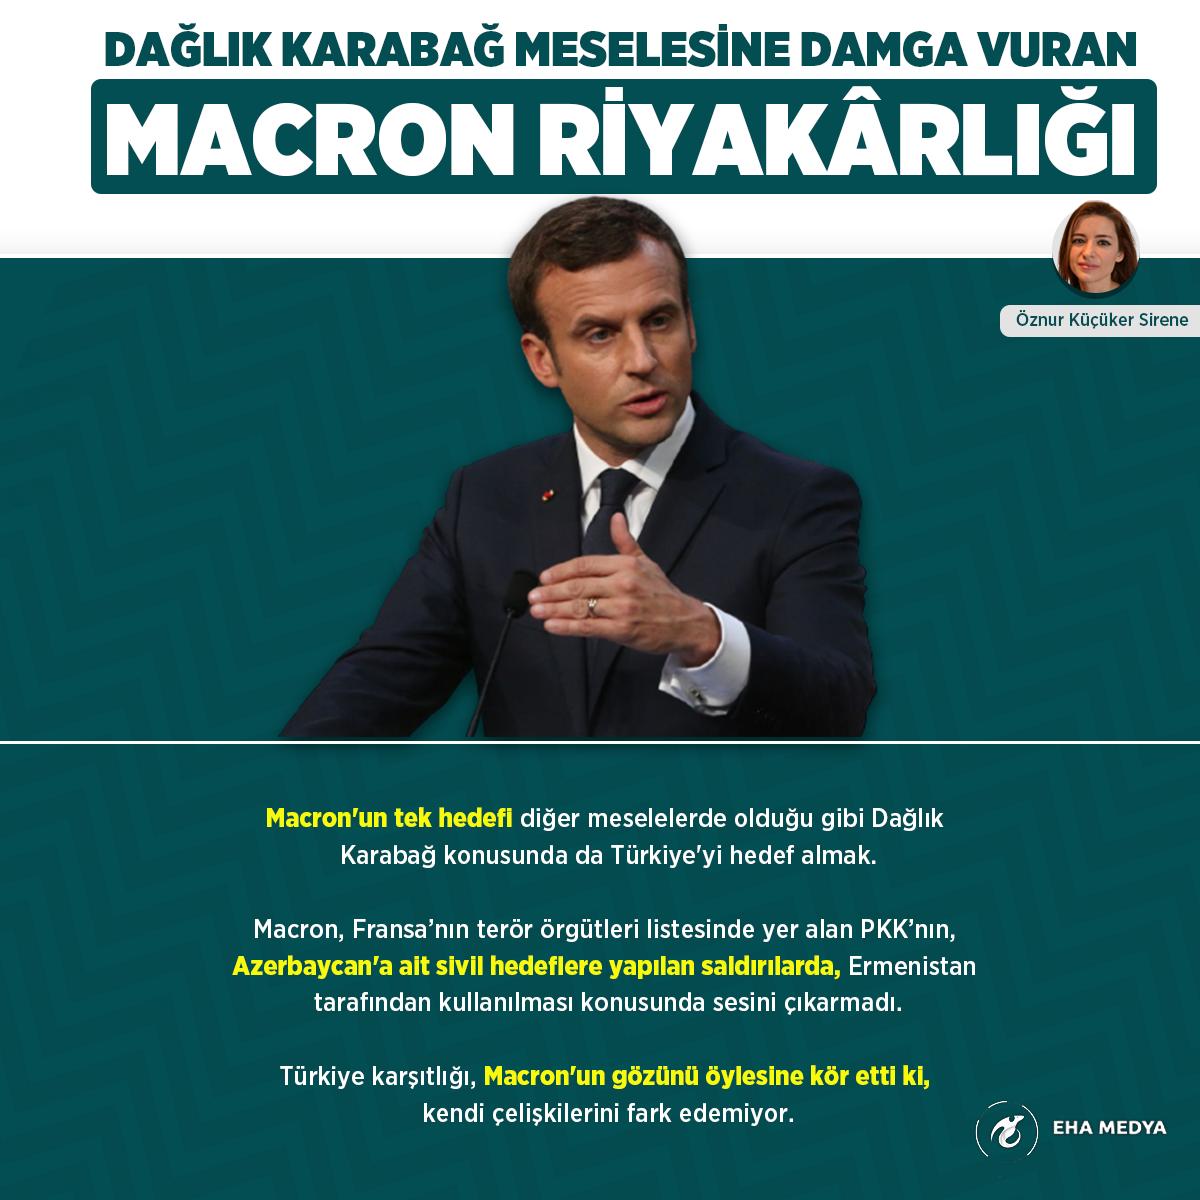 Dağlık Karabağ meselesine damga vuran Macron riyakarlığı